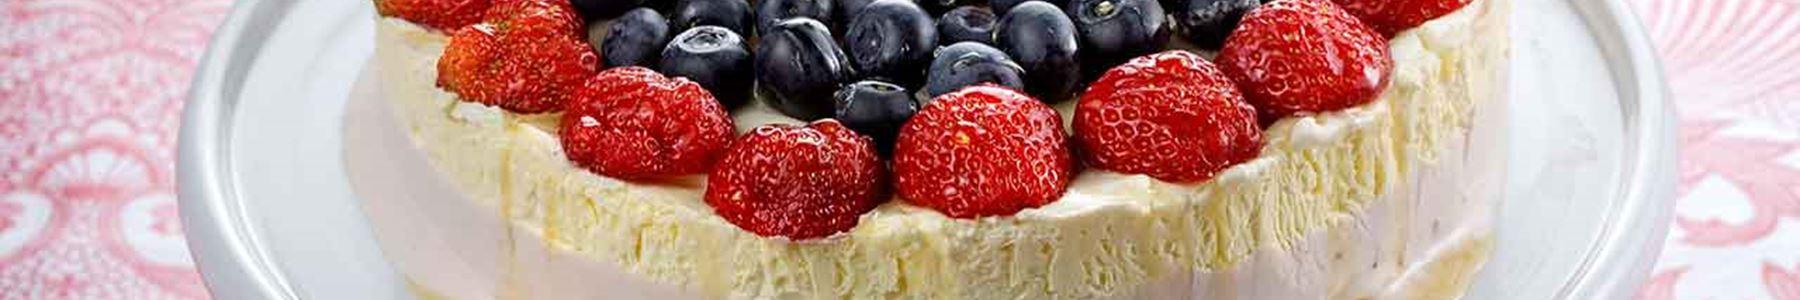 För barn + Kvarg + Tårta